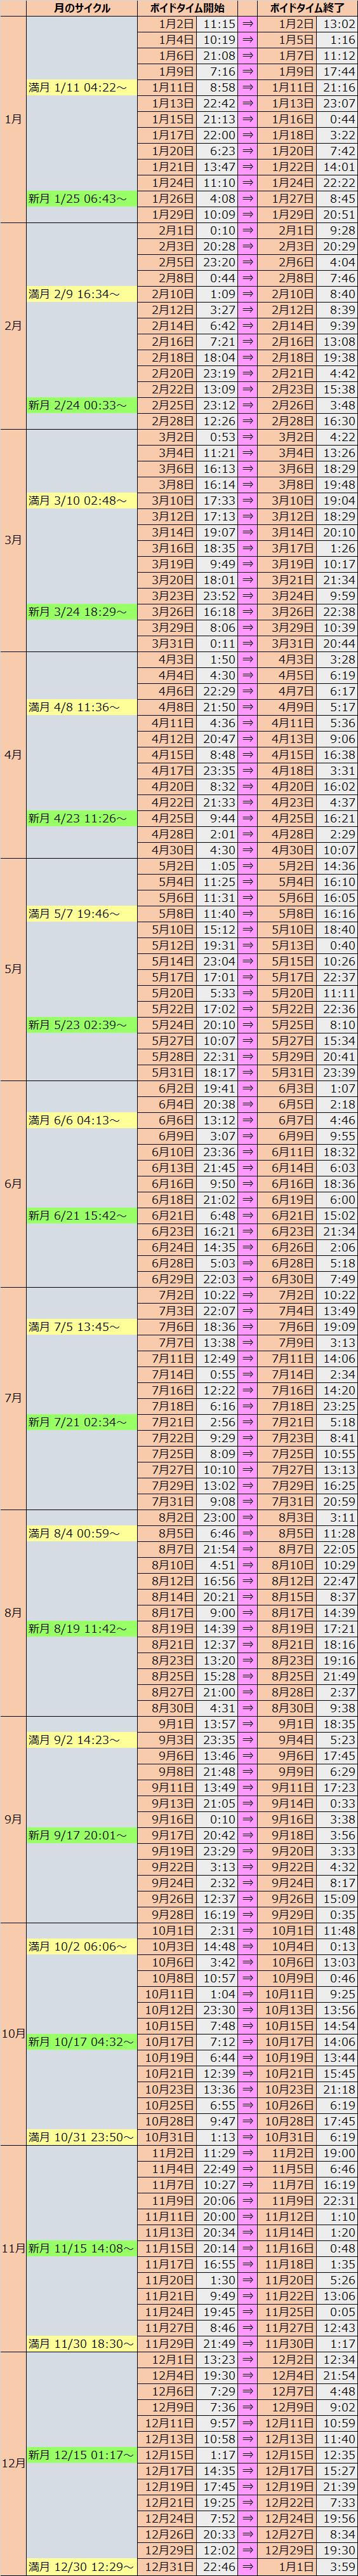 ボイド タイム 2020 ボイドタイム2020早わかり表